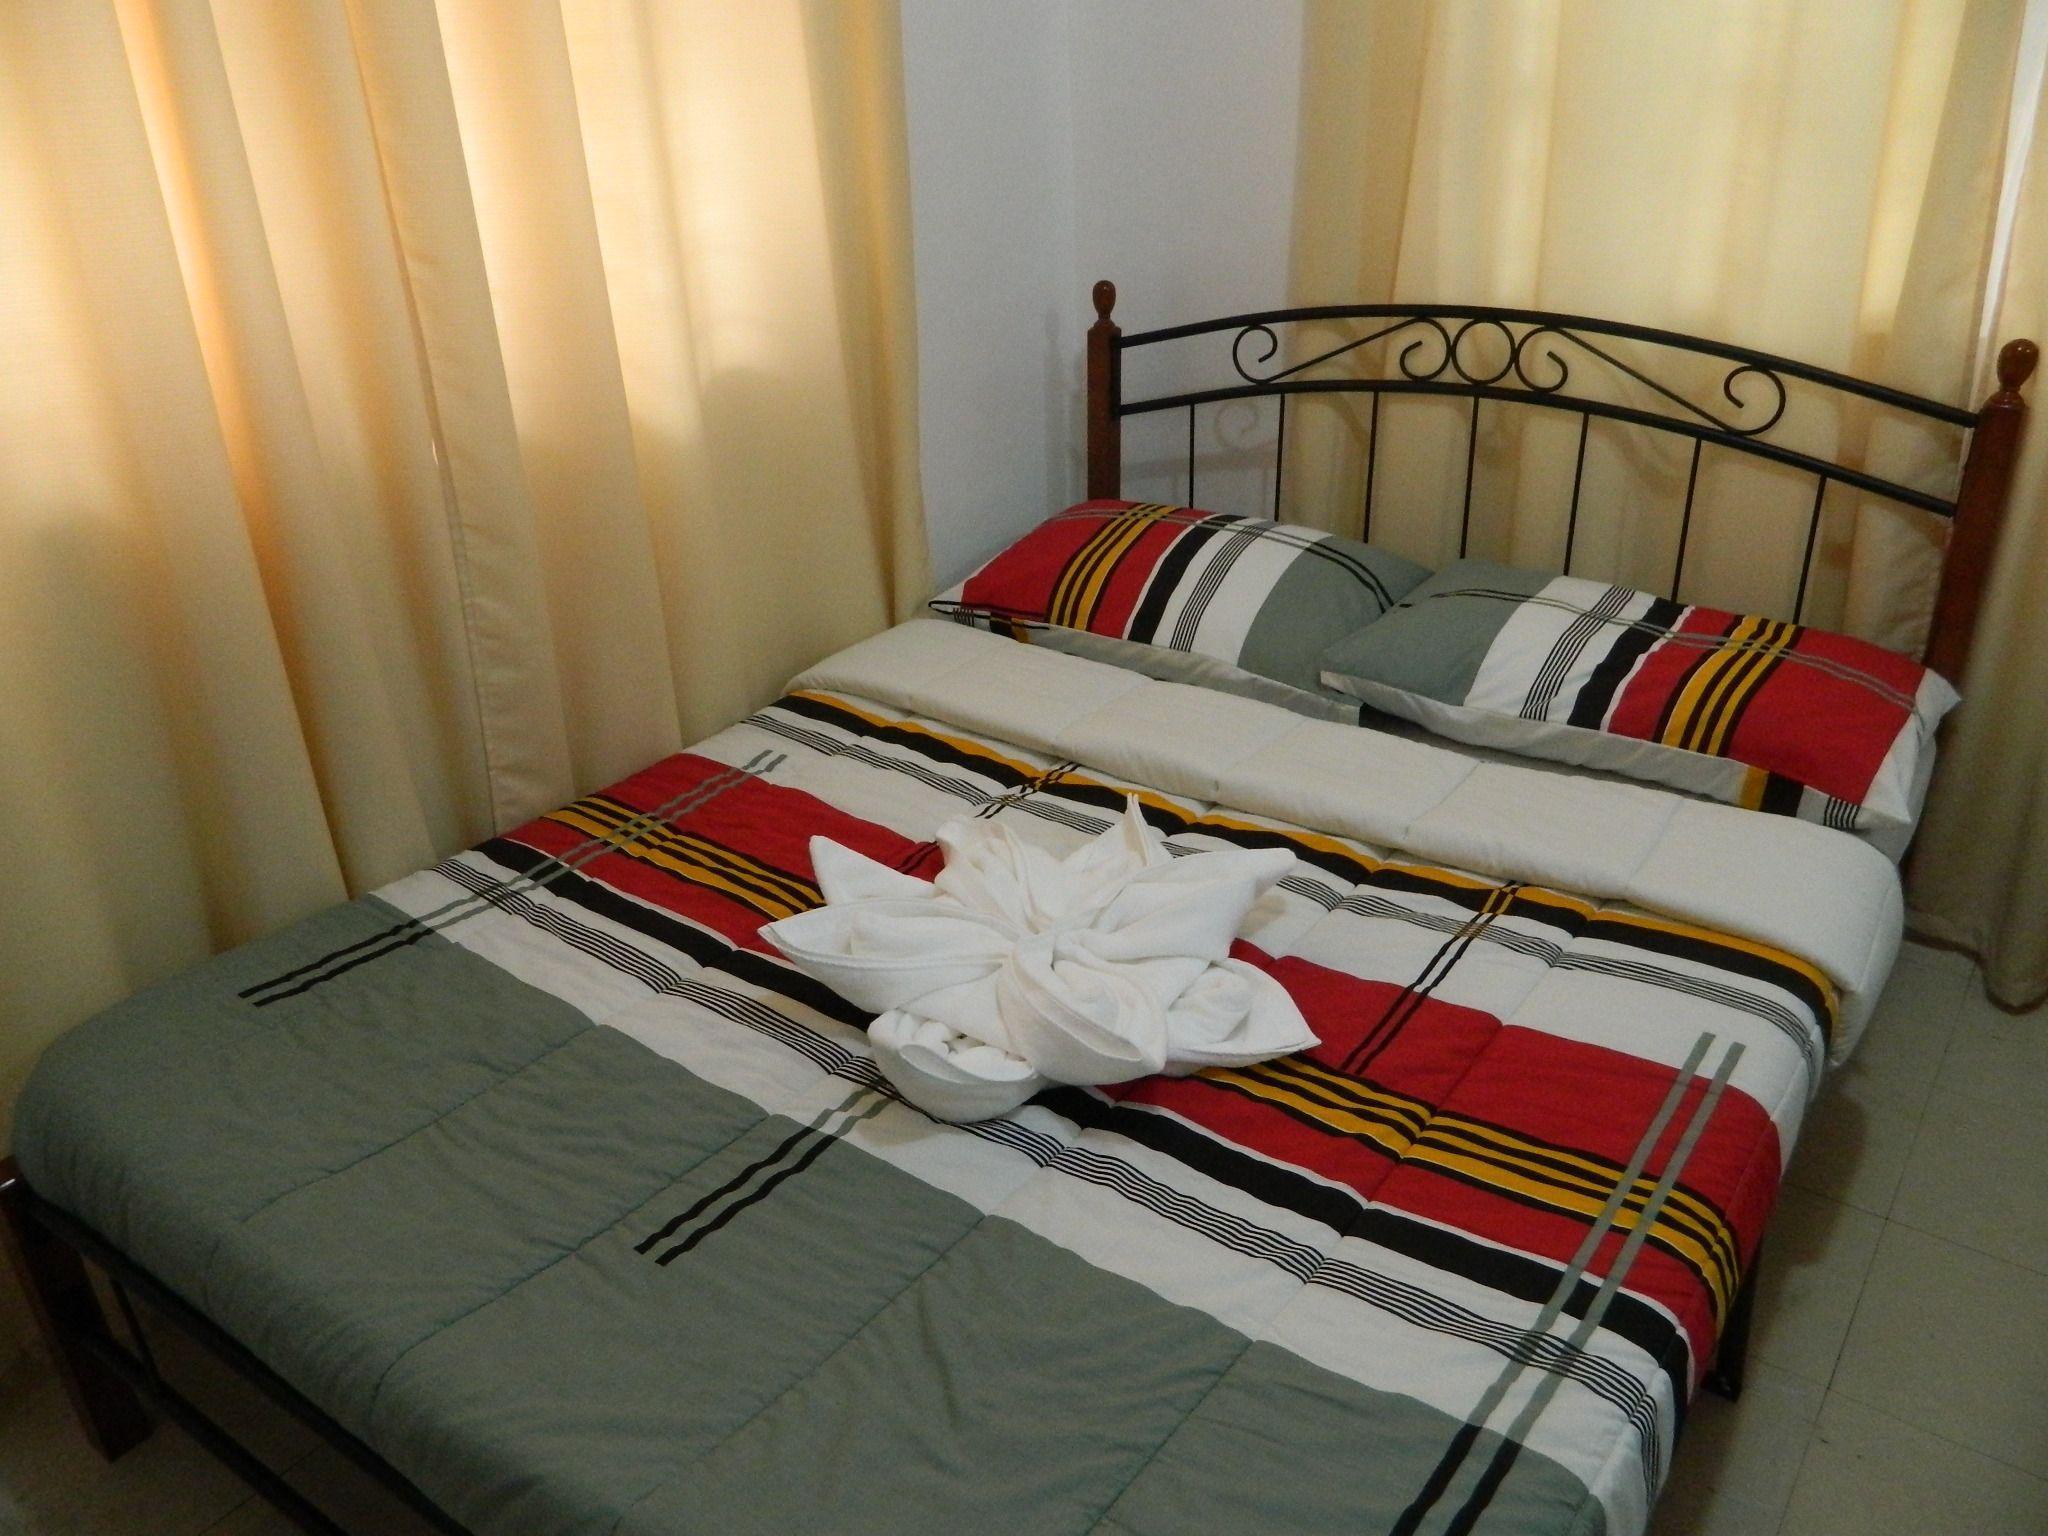 リトル ピンク ハウシズ ベッド アンド ブレックファースト11